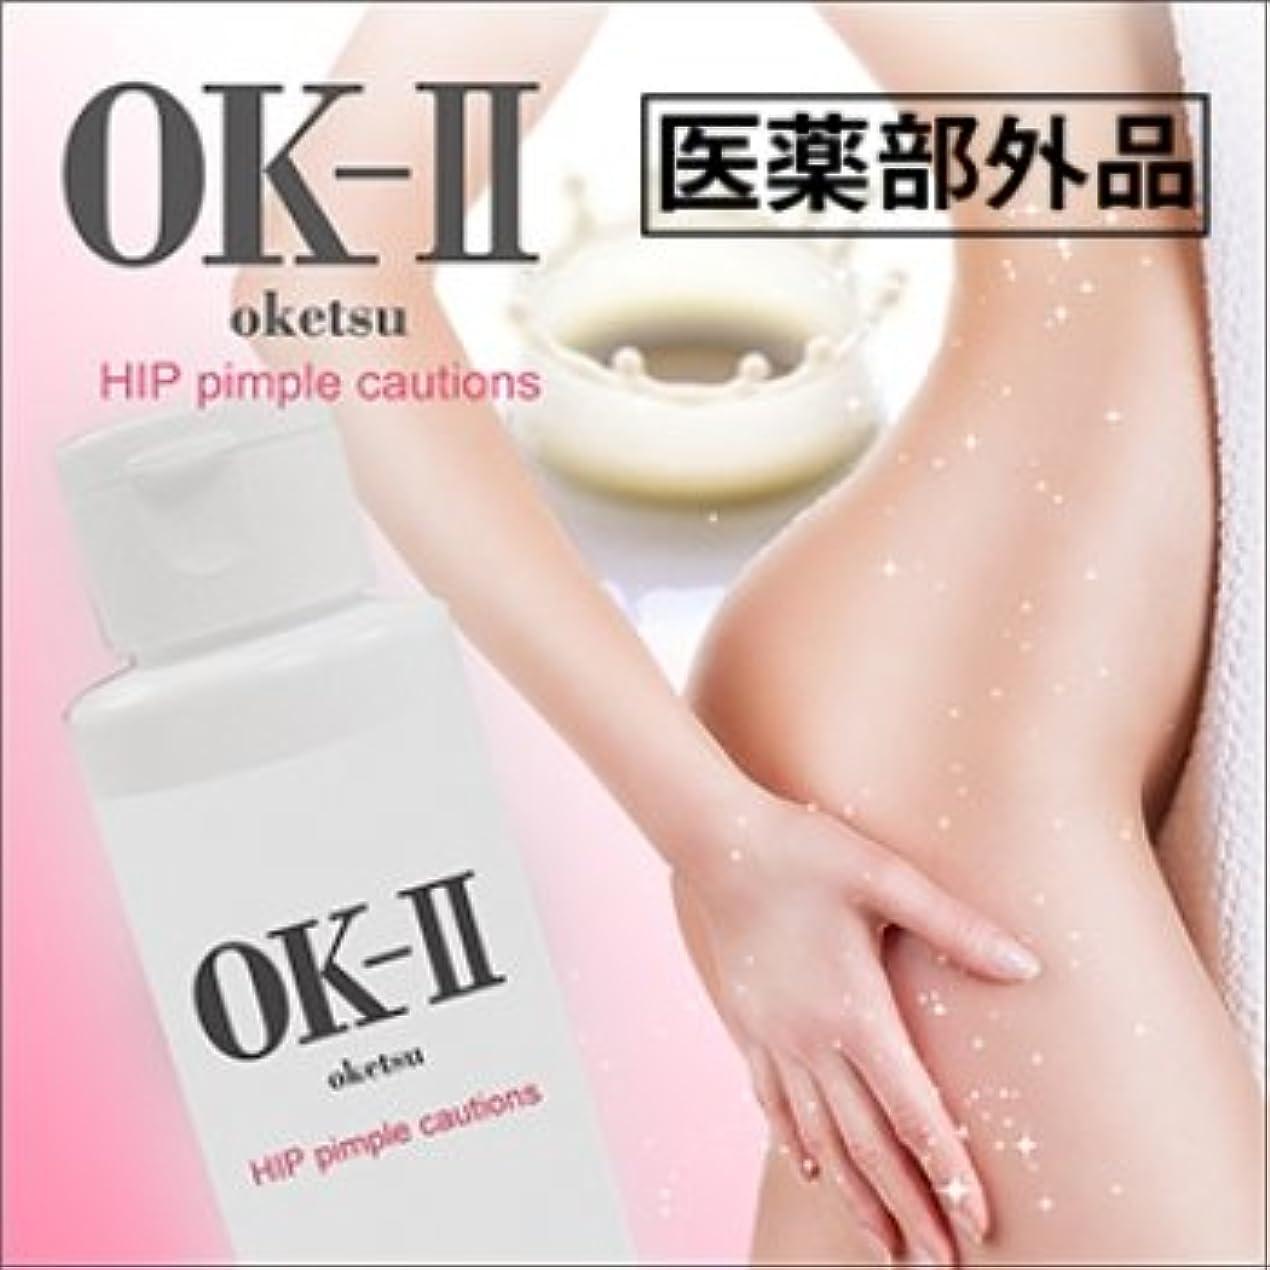 生理バラ色四半期OK-IIオッケーツー(薬用お尻ニキビケアボディ乳液)医薬部外品